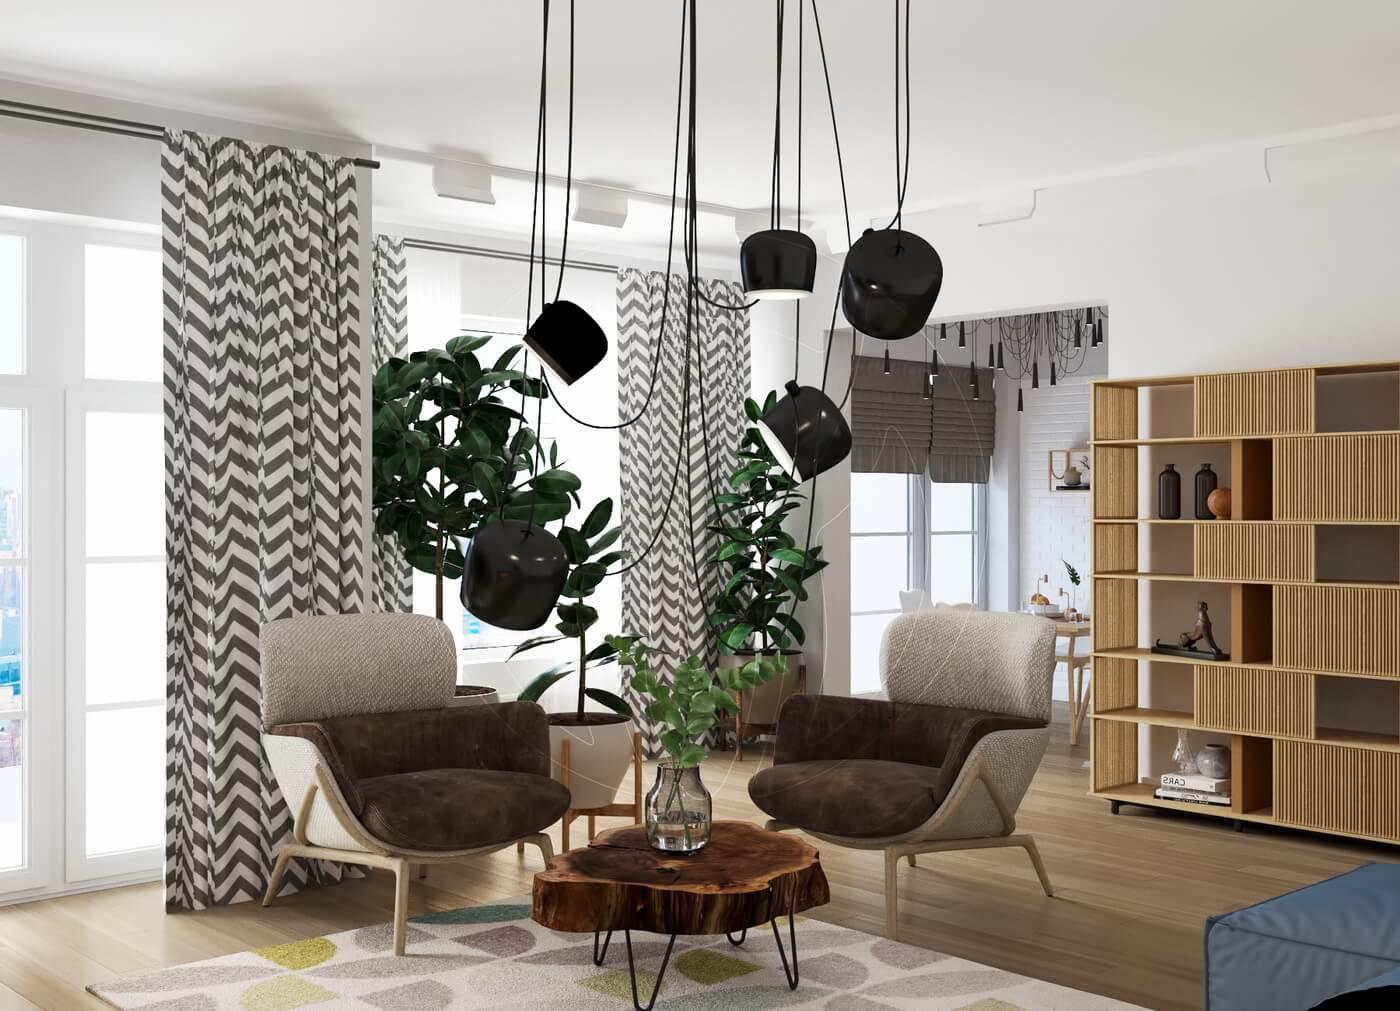 Квартира в скандинавском стиле и стиле LOFT. Гостиная в белом цвете